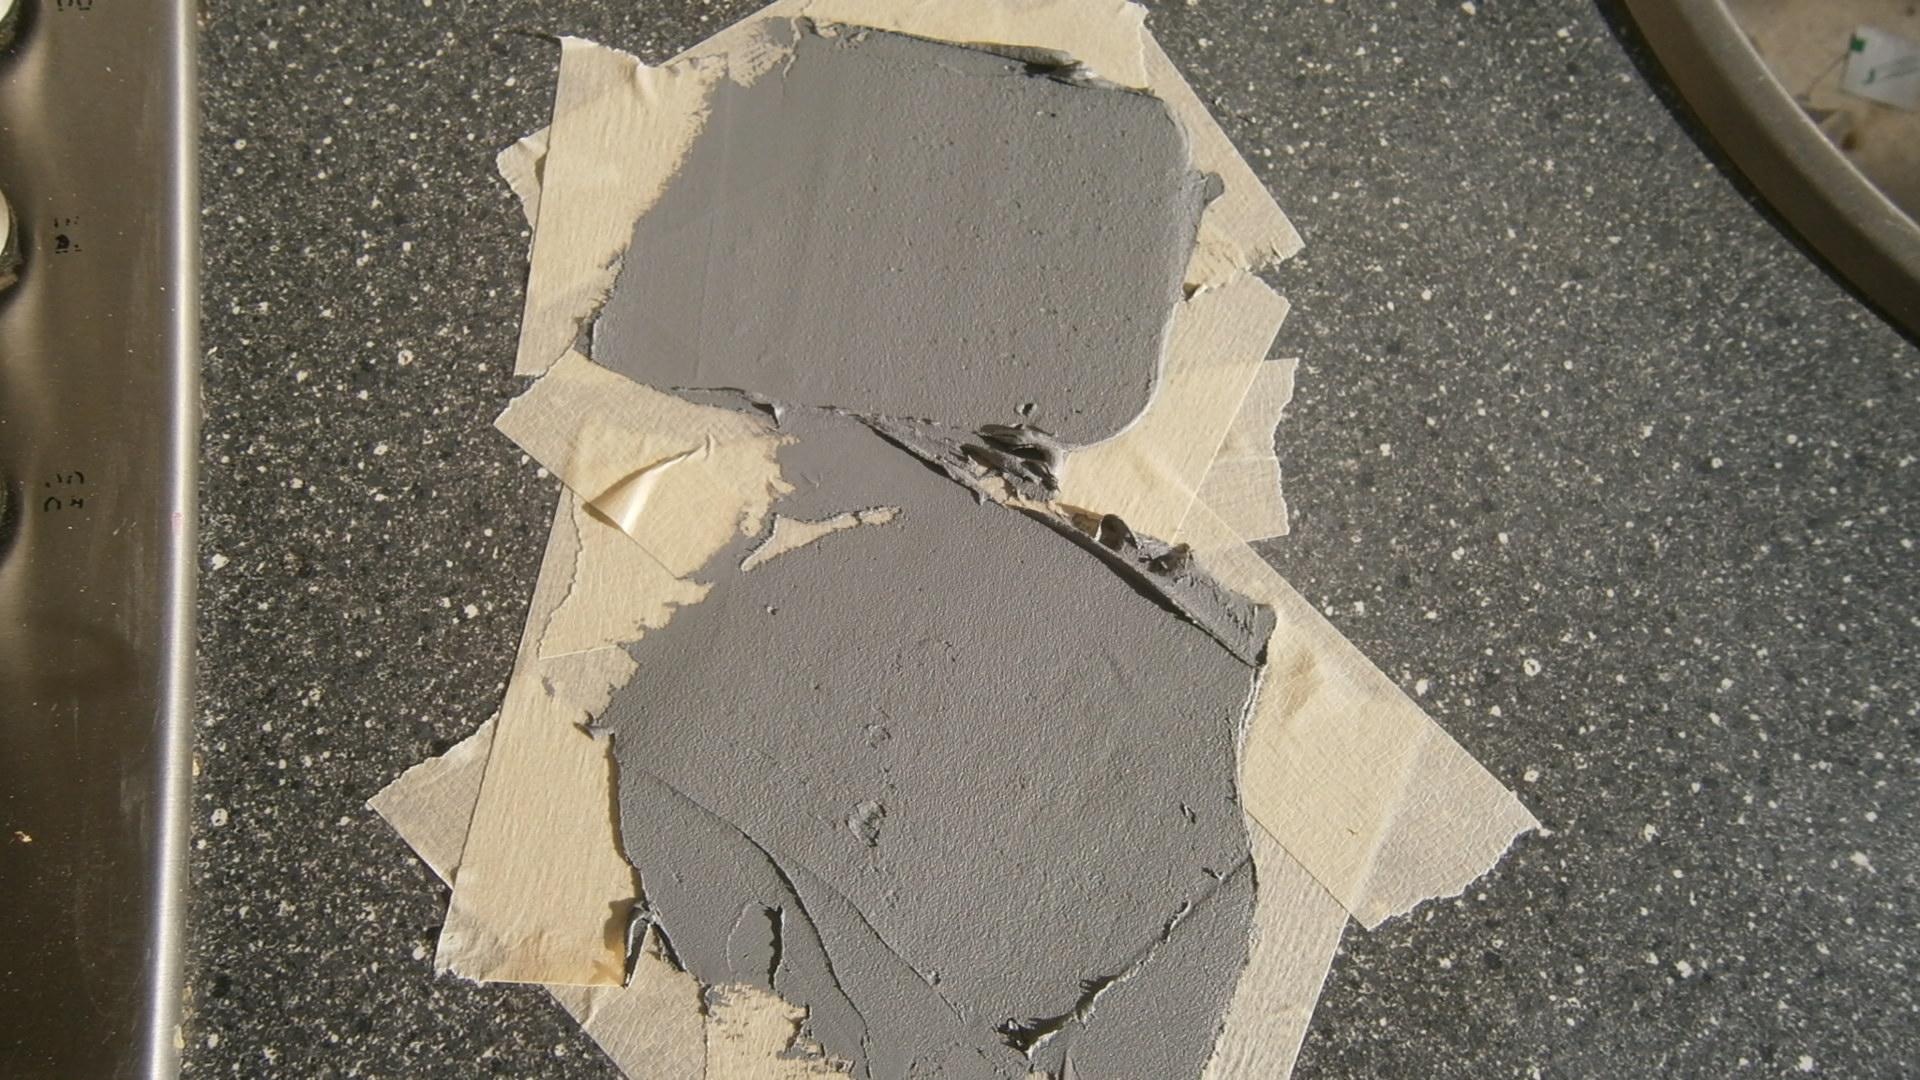 Repareren van schade aan hpl aanrechtblad